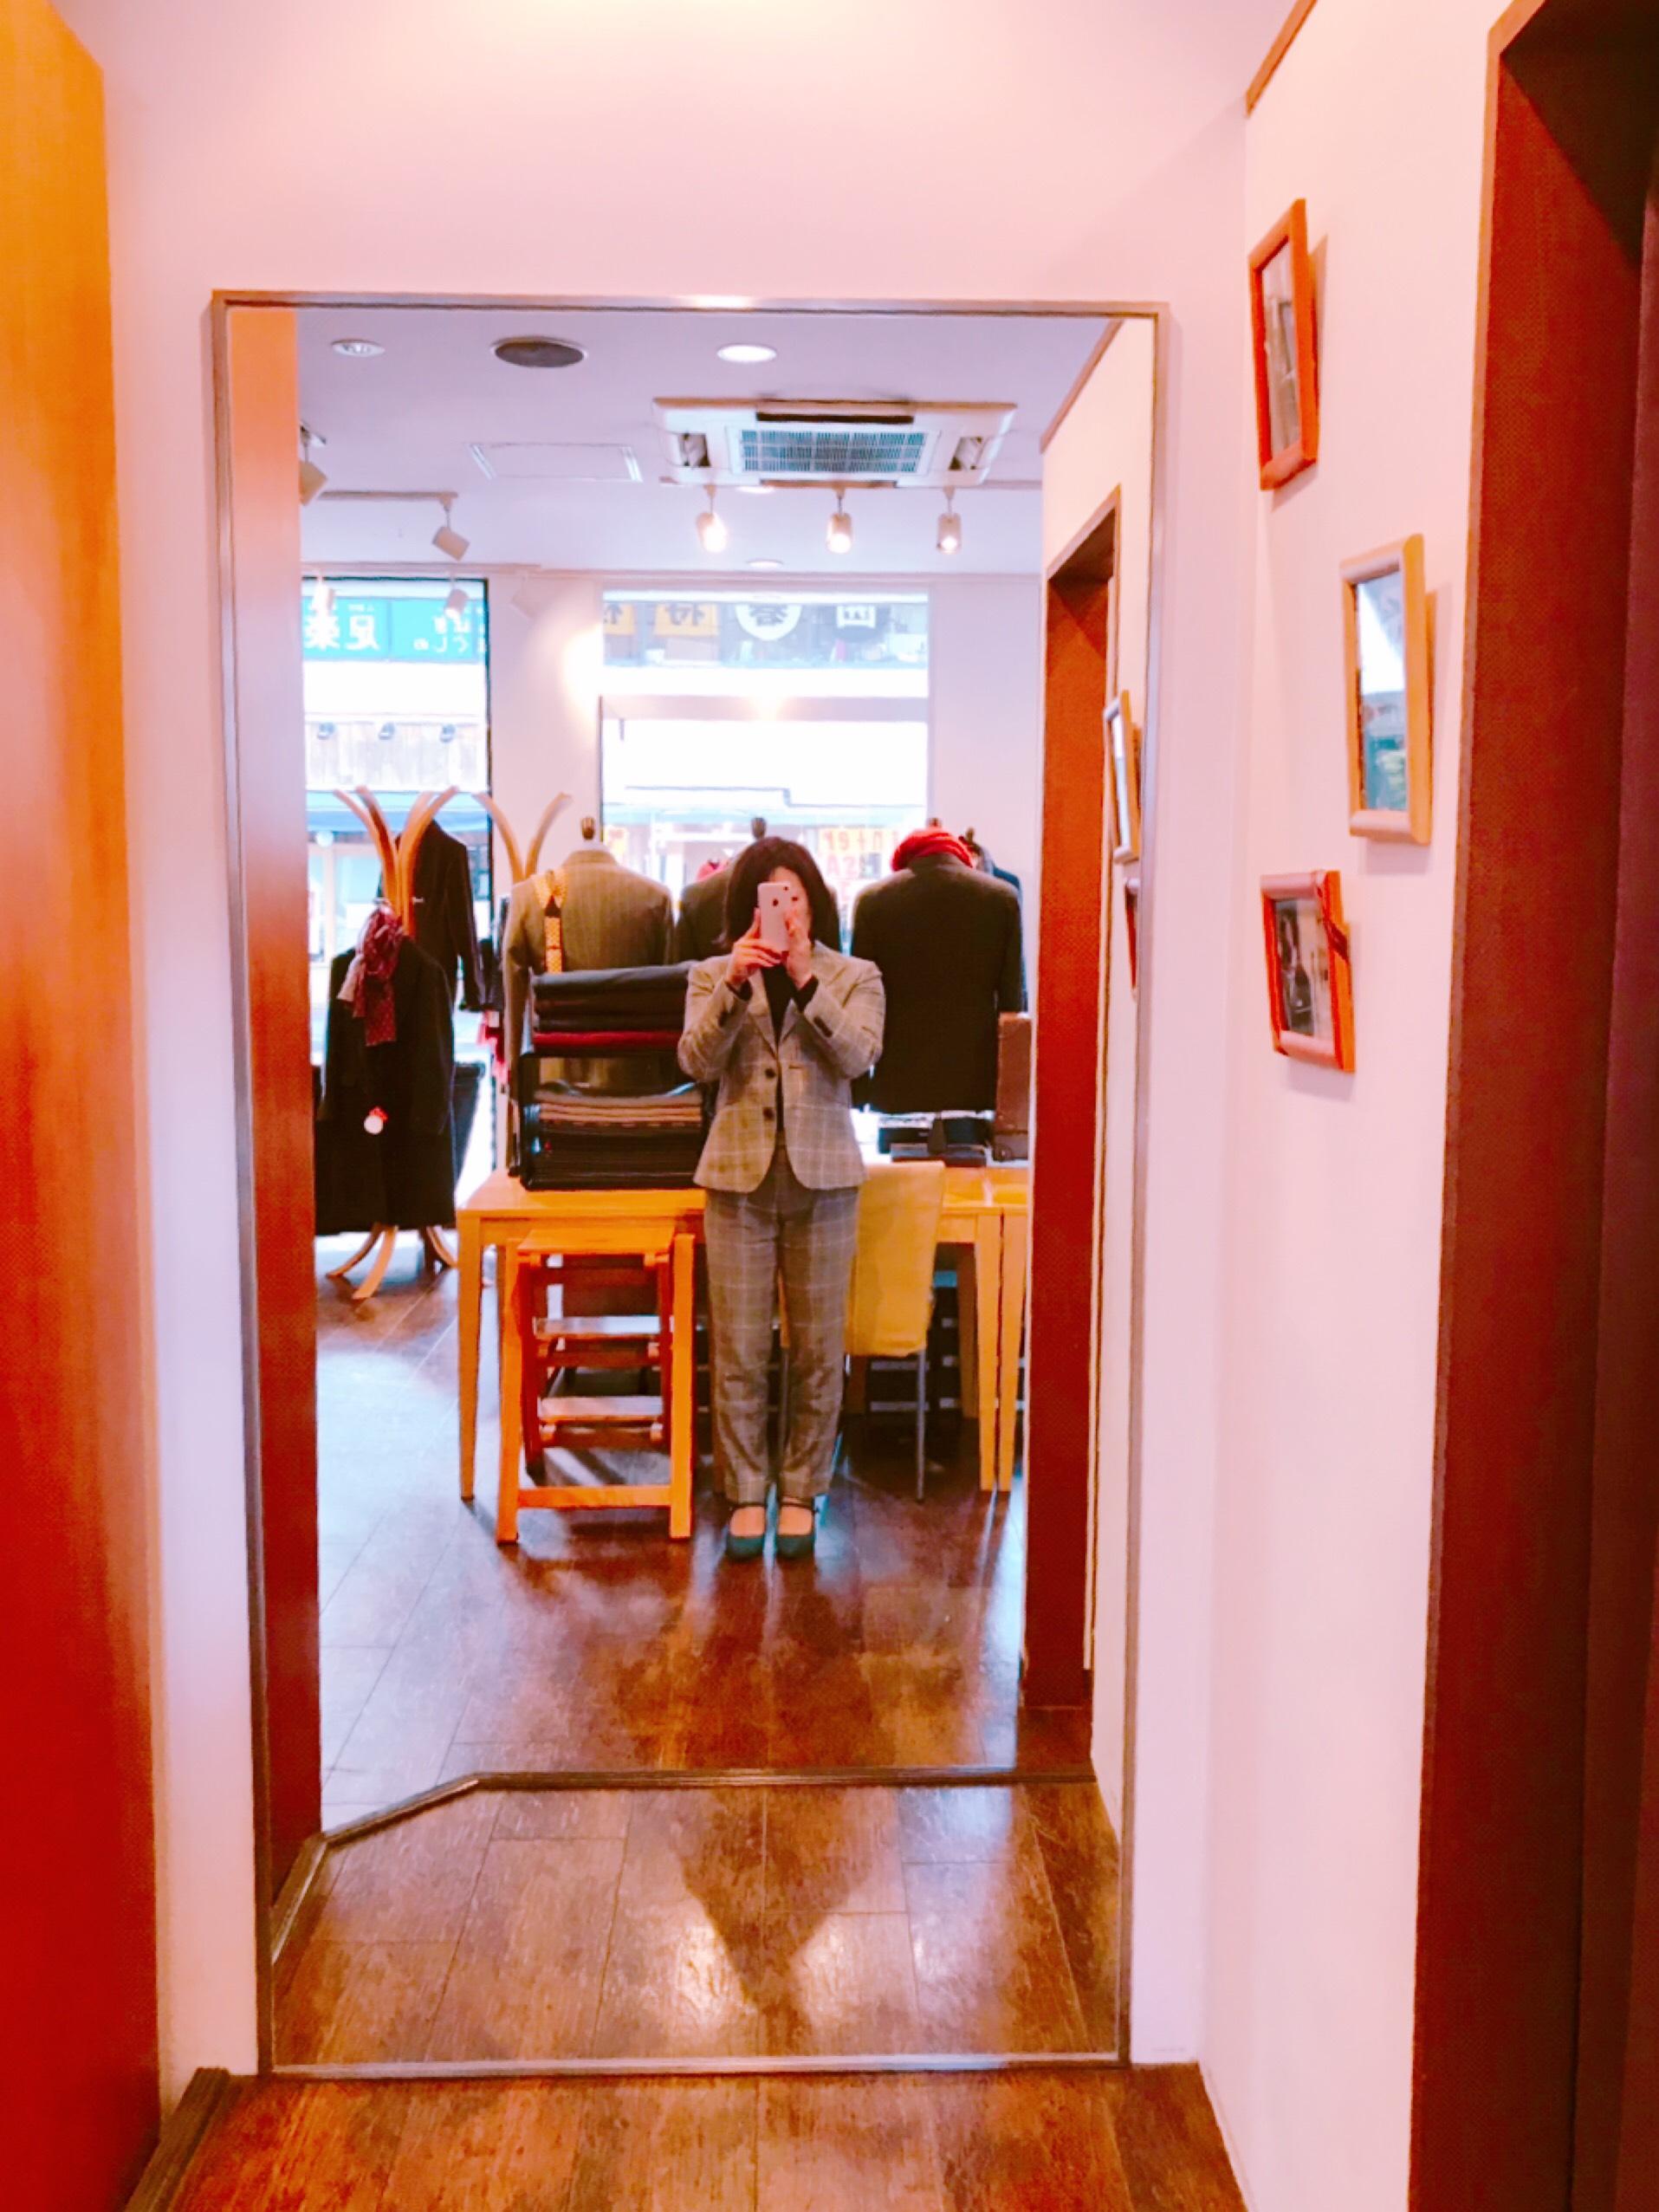 ゼルビーノ虎ノ門店